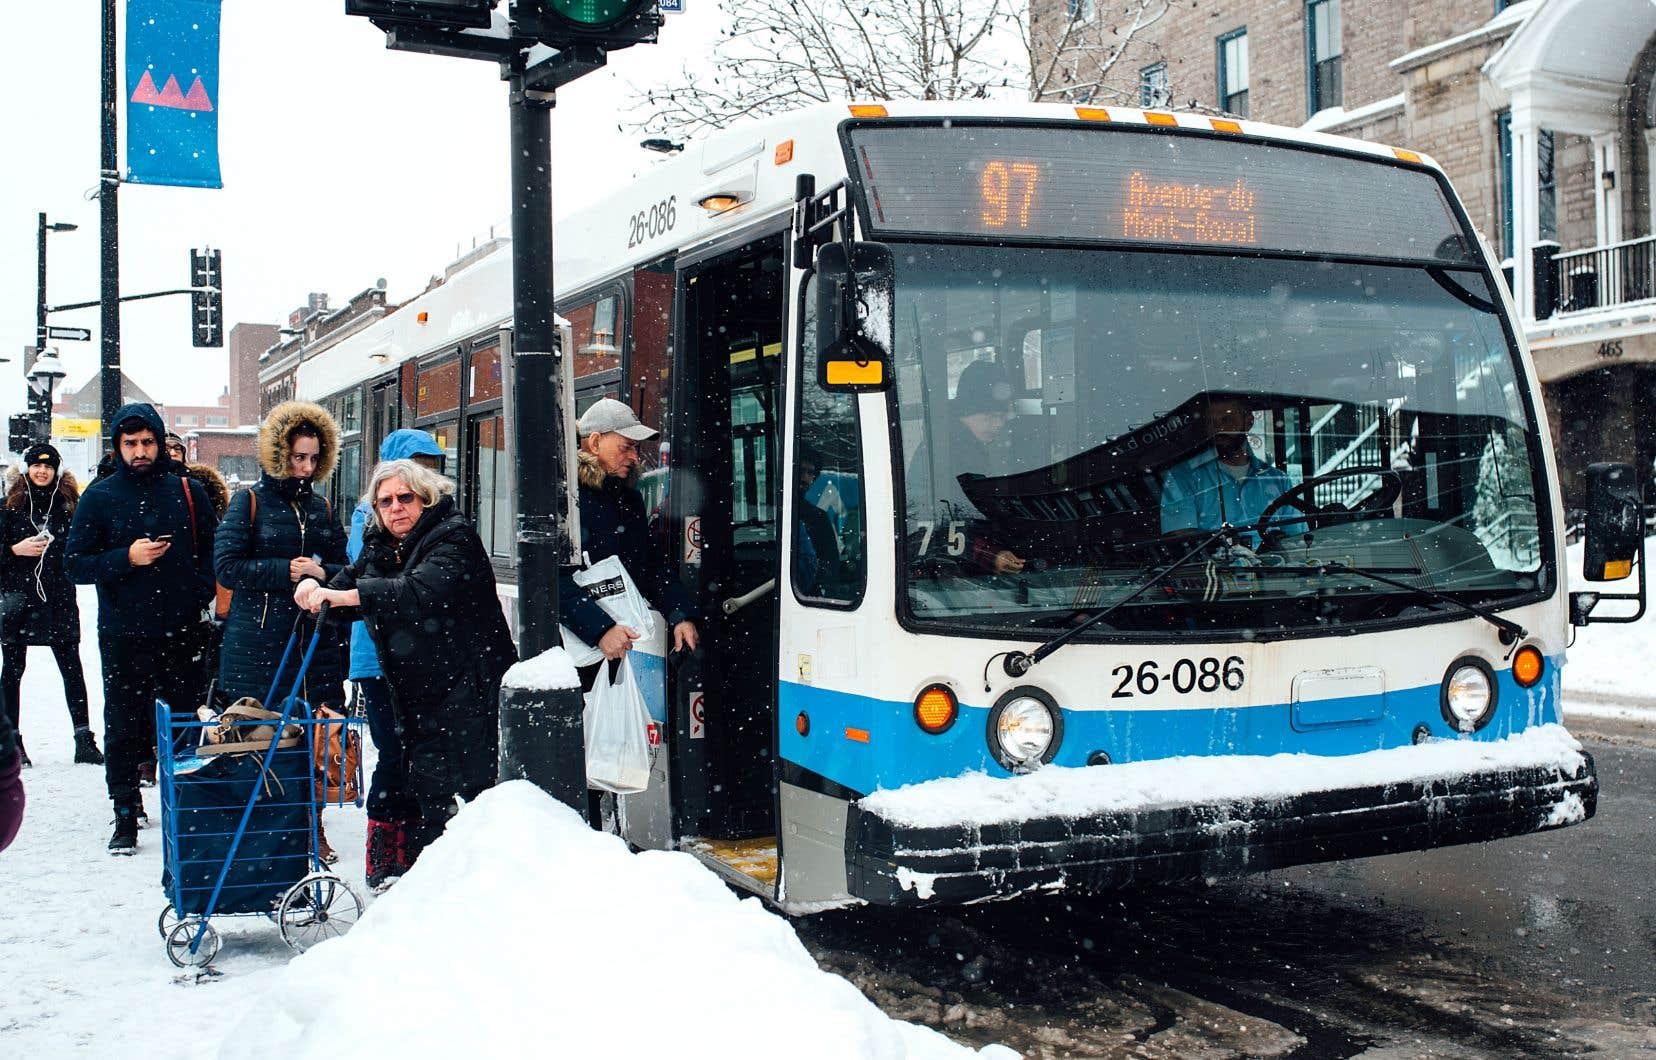 L'utilisation des transports en commun en heure de pointe du matin a augmenté de 4% dans la grande région de Montréal entre 2013 et 2018 avec 1,4million de déplacements.